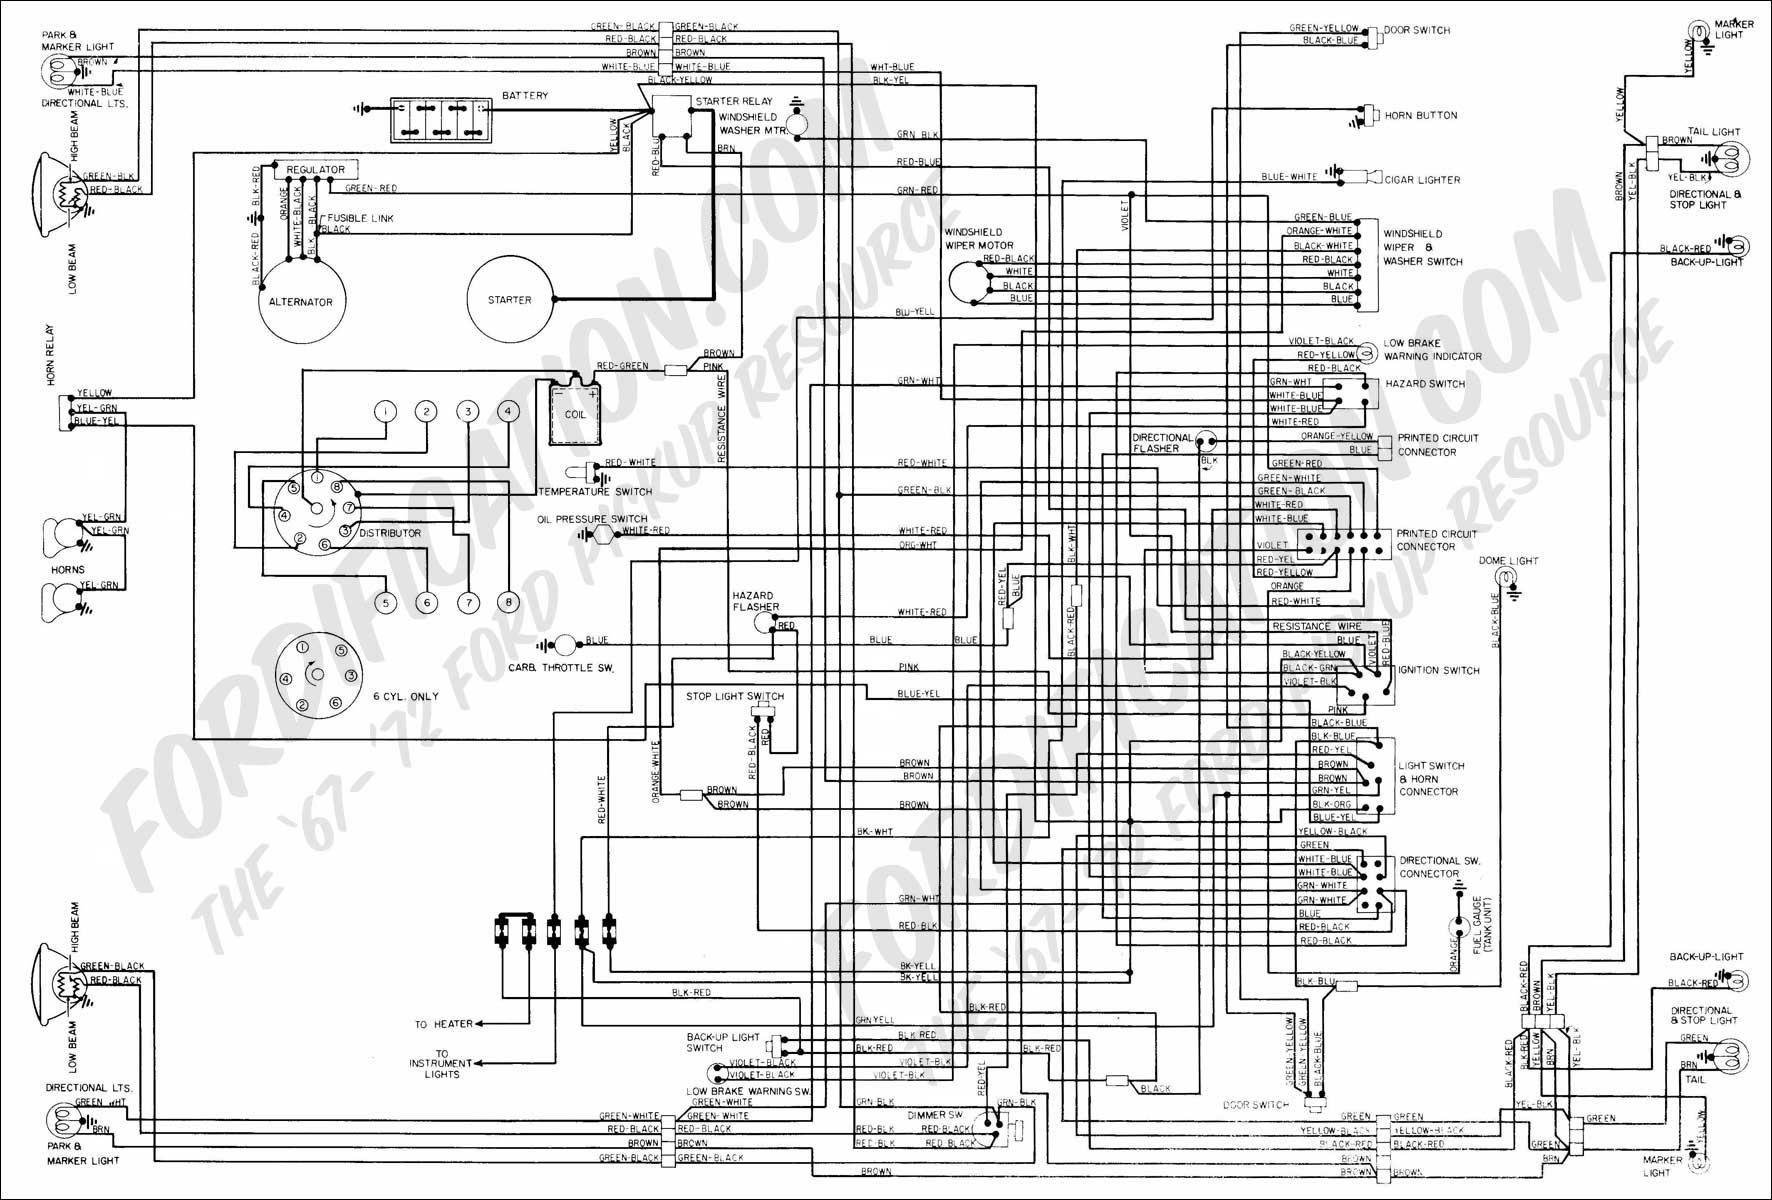 1972 Mustang Wiring Diagram - Wiring Diagrams Hubs - 1997 Ford F150 Radio Wiring Diagram